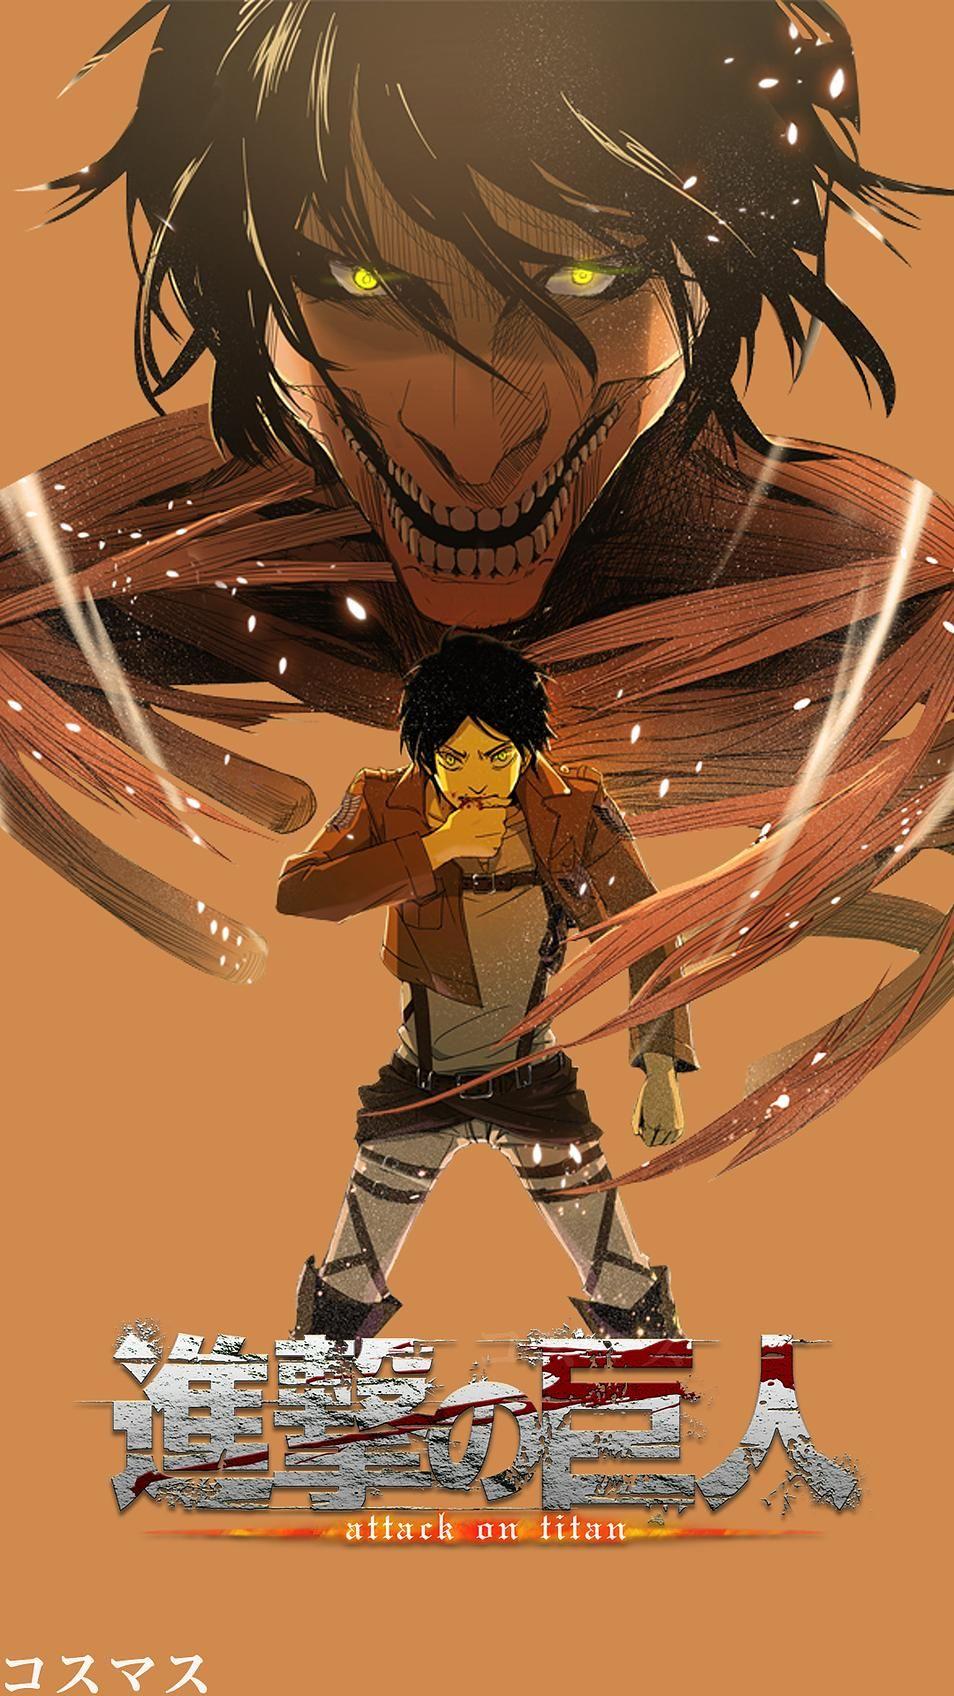 Eren Yeager Korigengi Wallpaper Anime Anime Wallpaper Anime Anime Boy